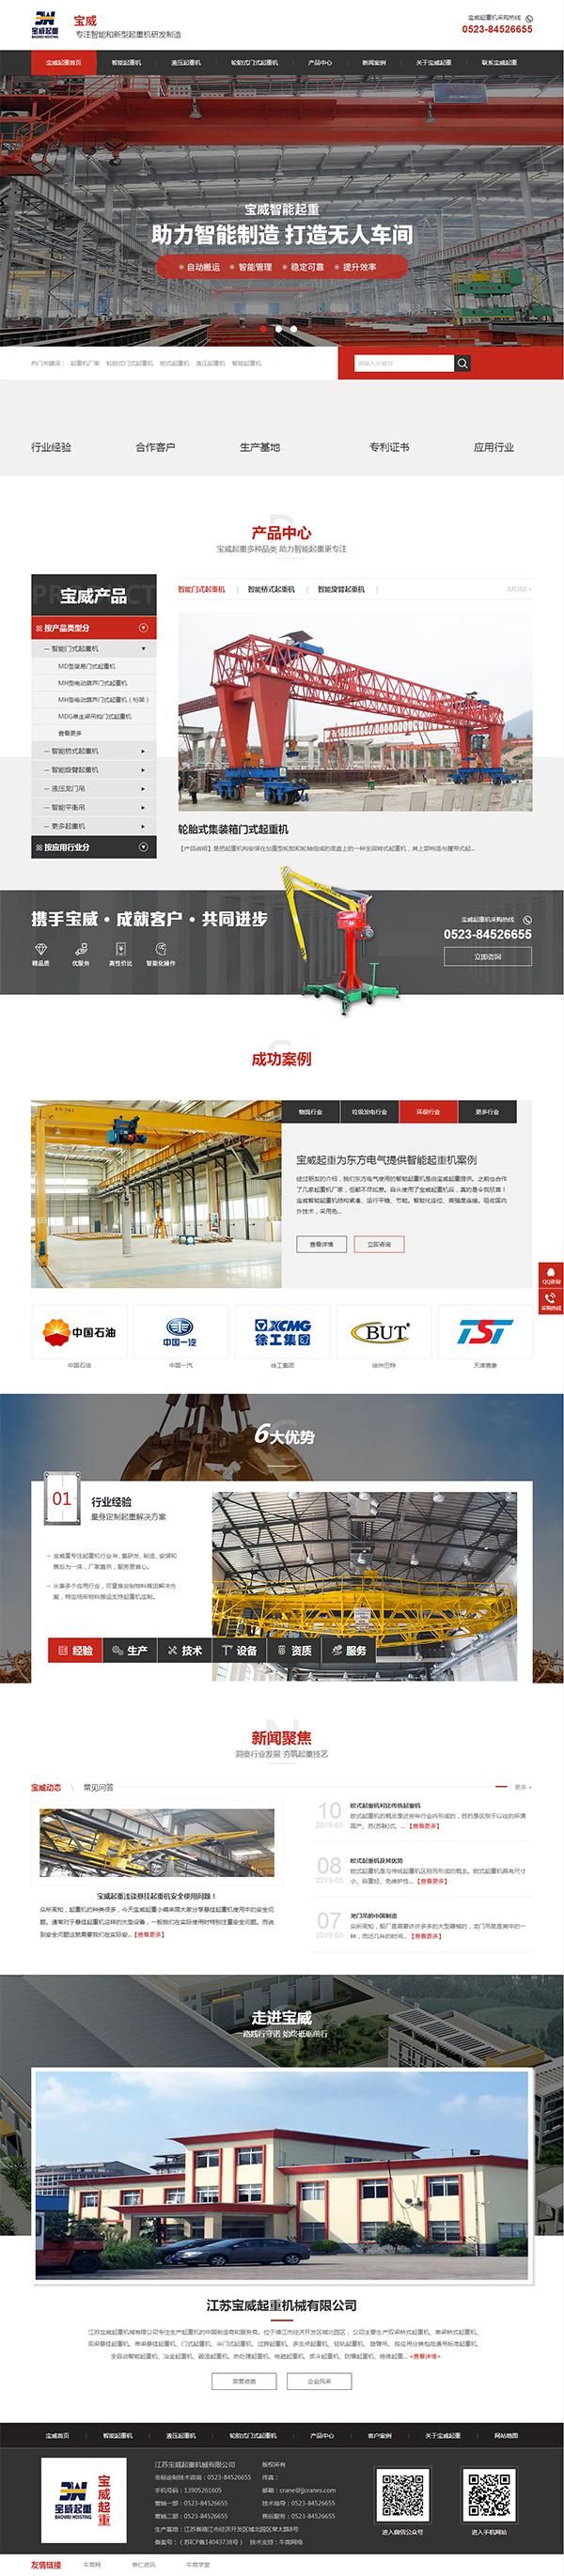 宝威起重机械-龙8国际龙88型龙8国际官网首页首页截图